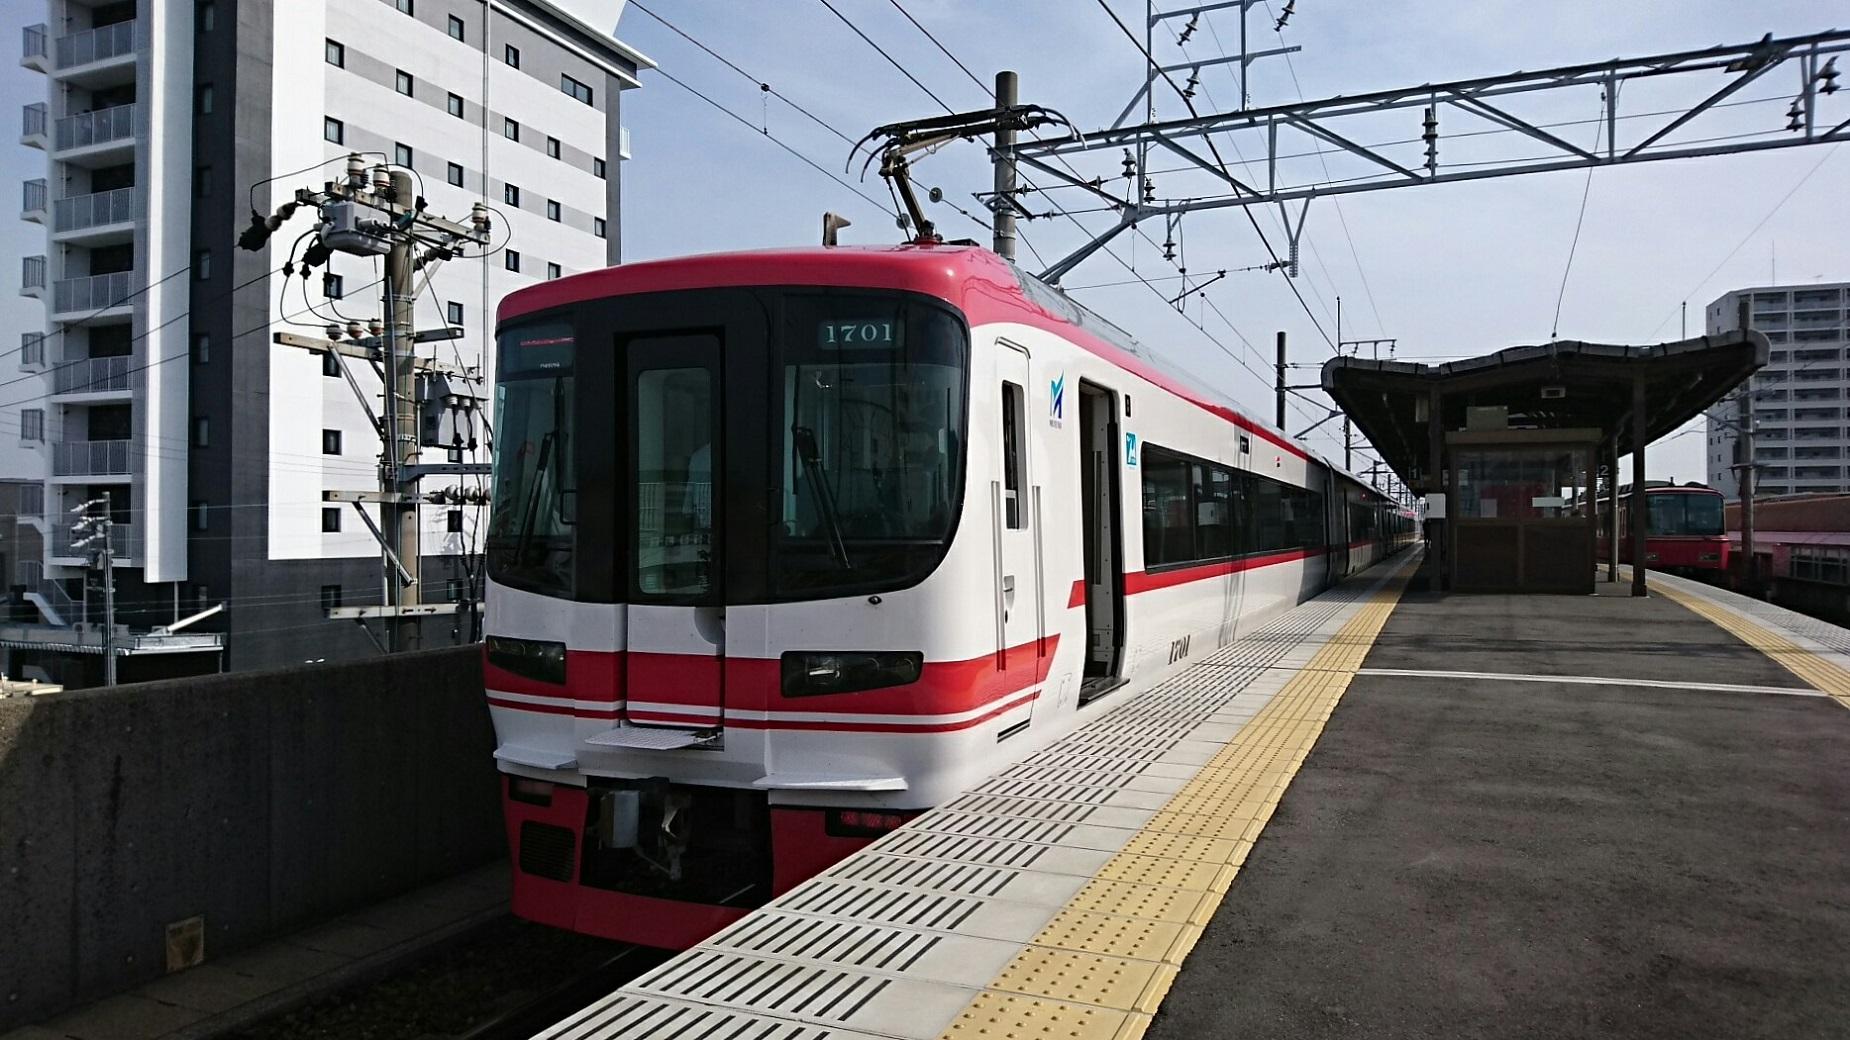 2019.5.3 (1003) 西尾 - 名古屋いき特急 1850-1040